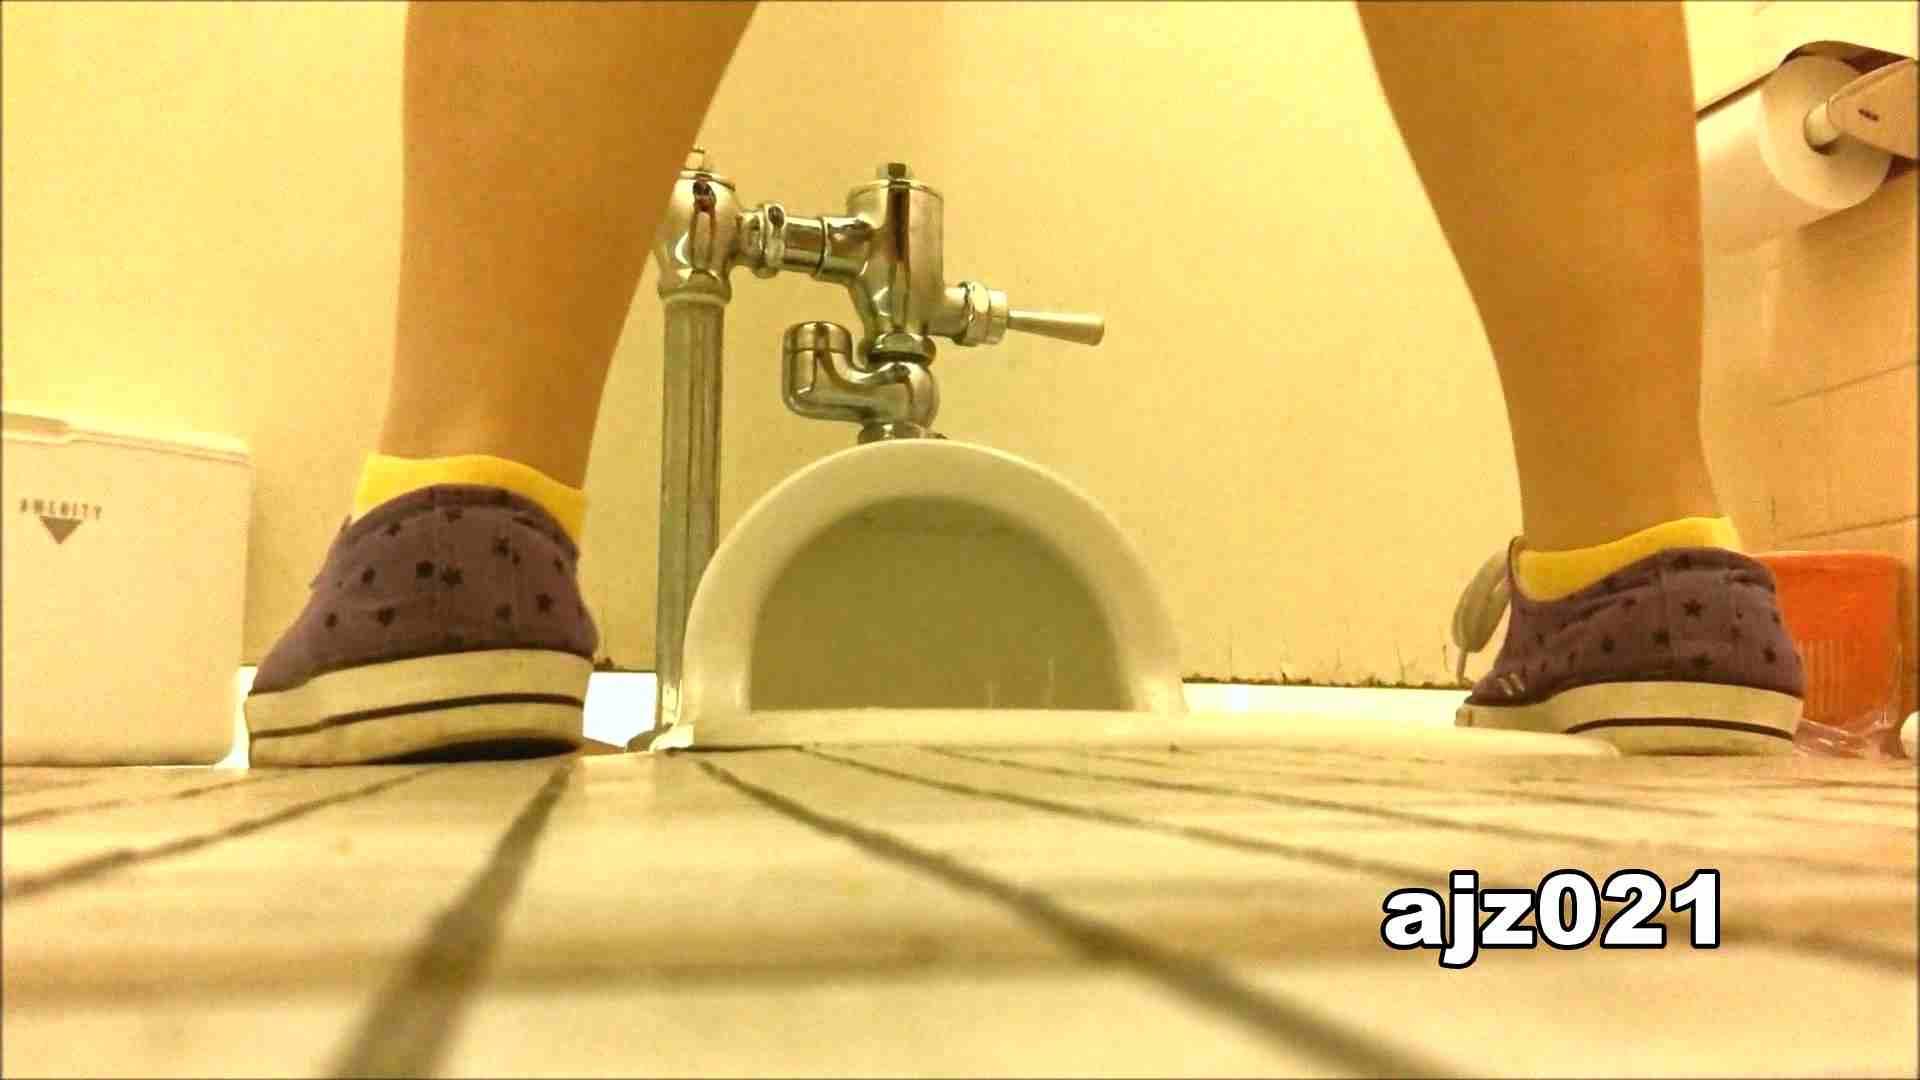 某有名大学女性洗面所 vol.21 和式トイレ すけべAV動画紹介 91pic 55